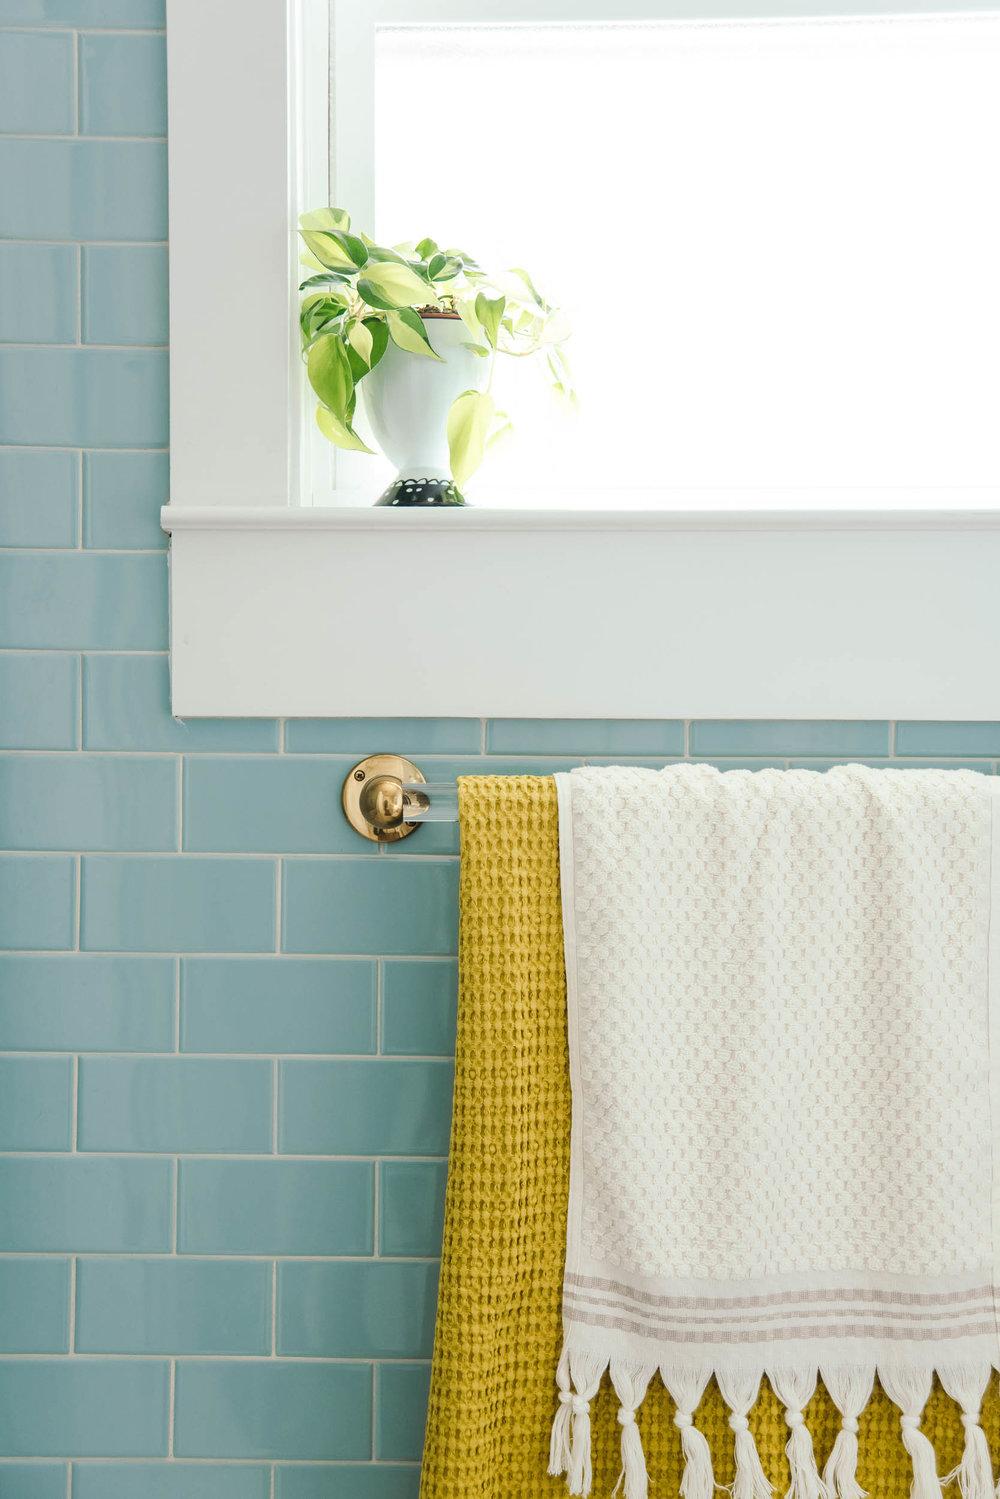 LKI_riverbend_bathroom-13.jpg